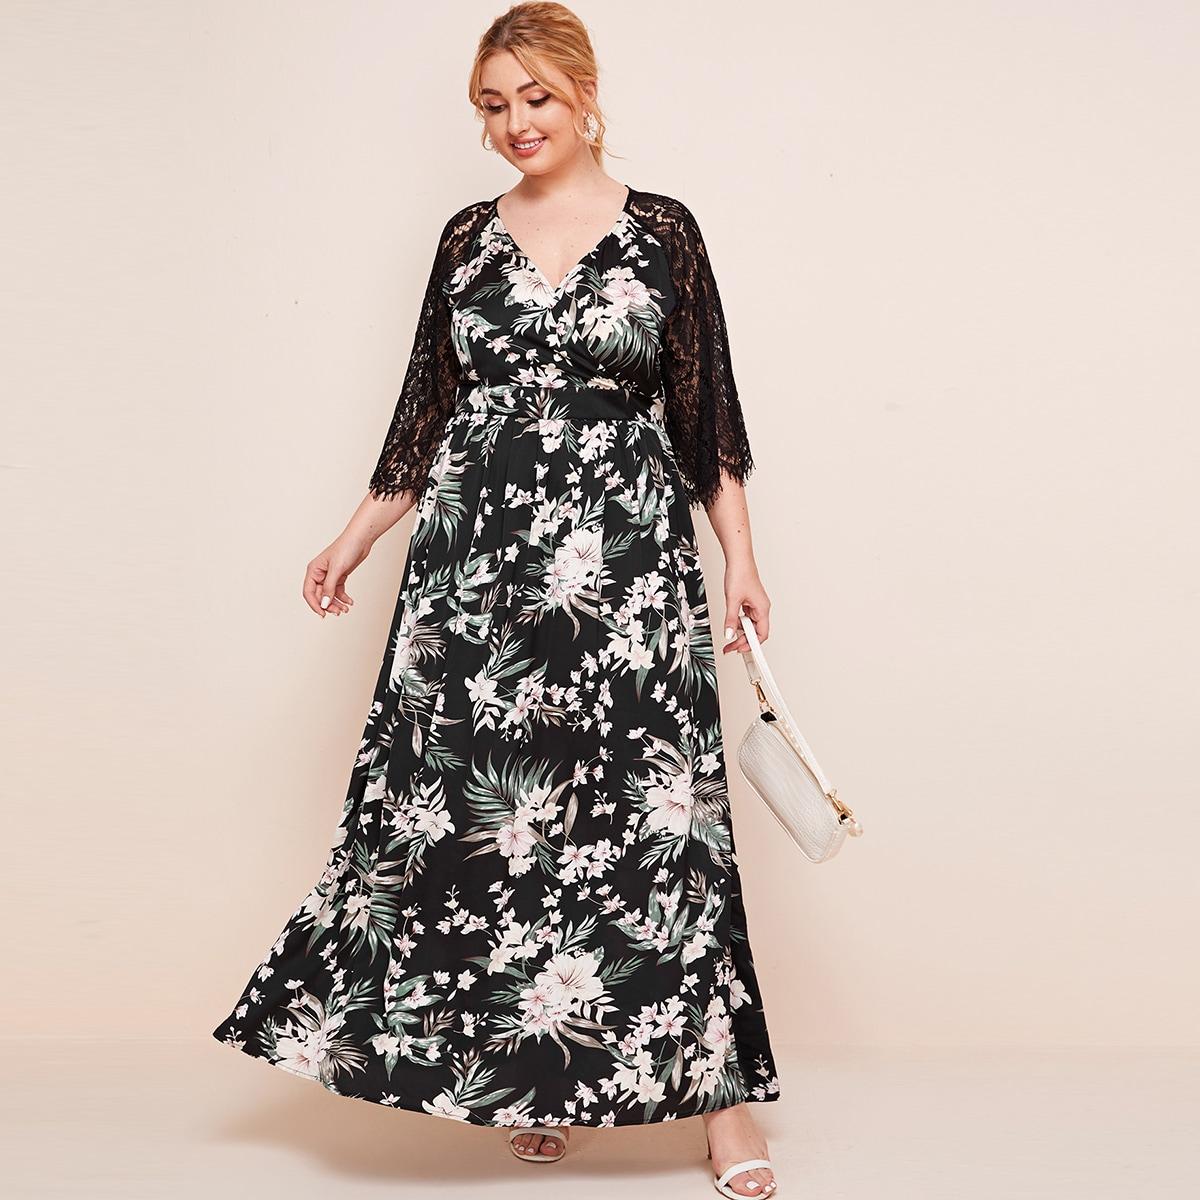 SHEIN / Kleid mit V-Kragen, Spitzen, Raglan Ärmeln und tropischem Muster